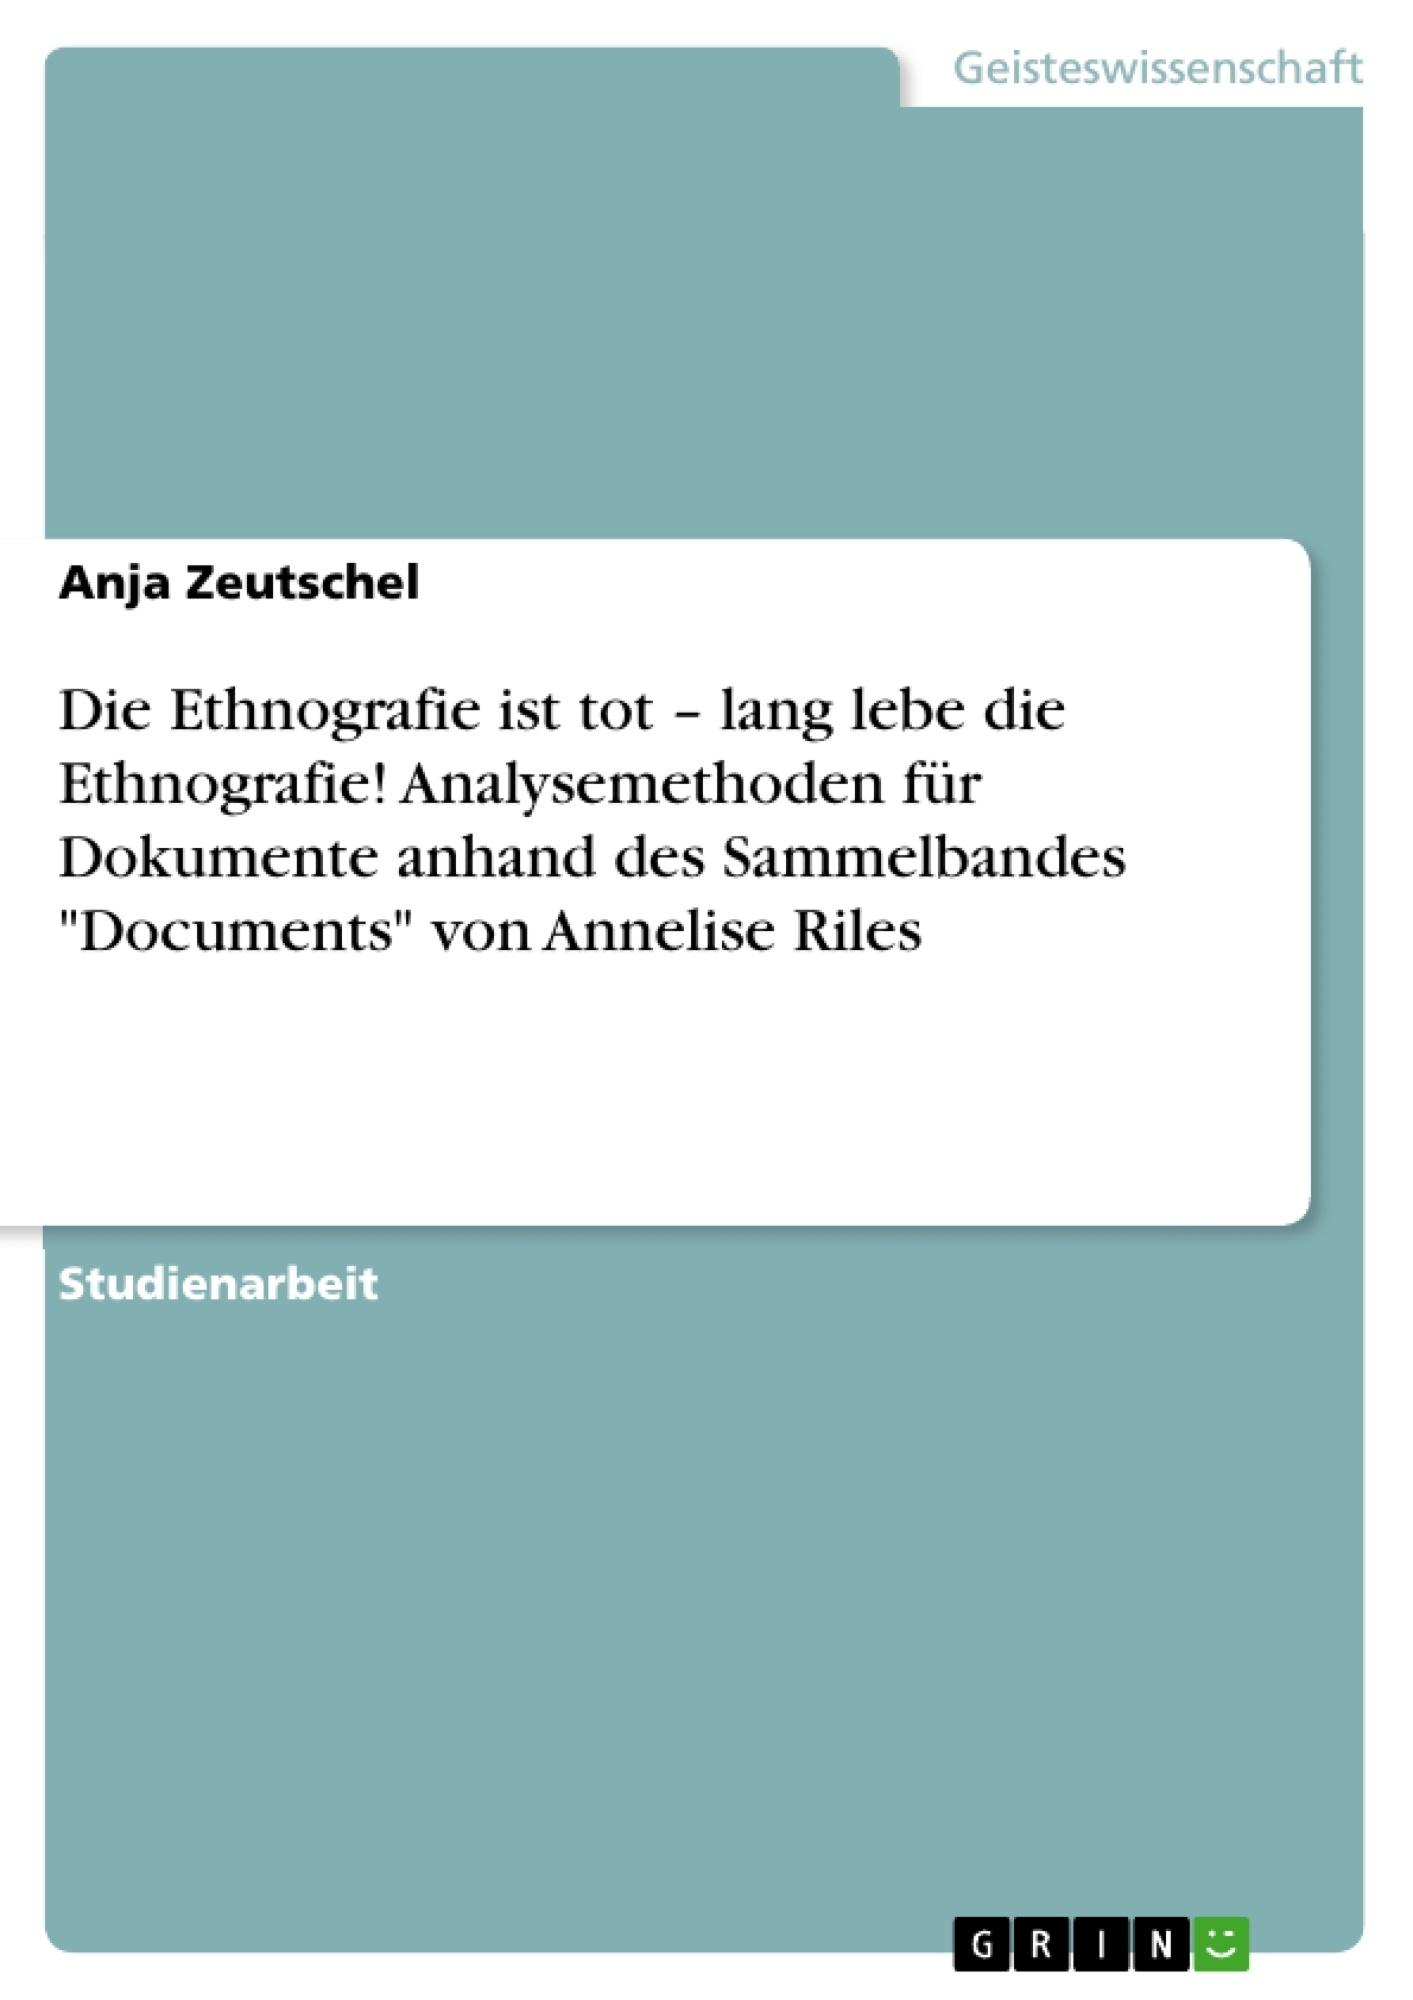 """Titel: Die Ethnografie ist tot – lang lebe die Ethnografie! Analysemethoden für Dokumente anhand des Sammelbandes """"Documents"""" von Annelise Riles"""